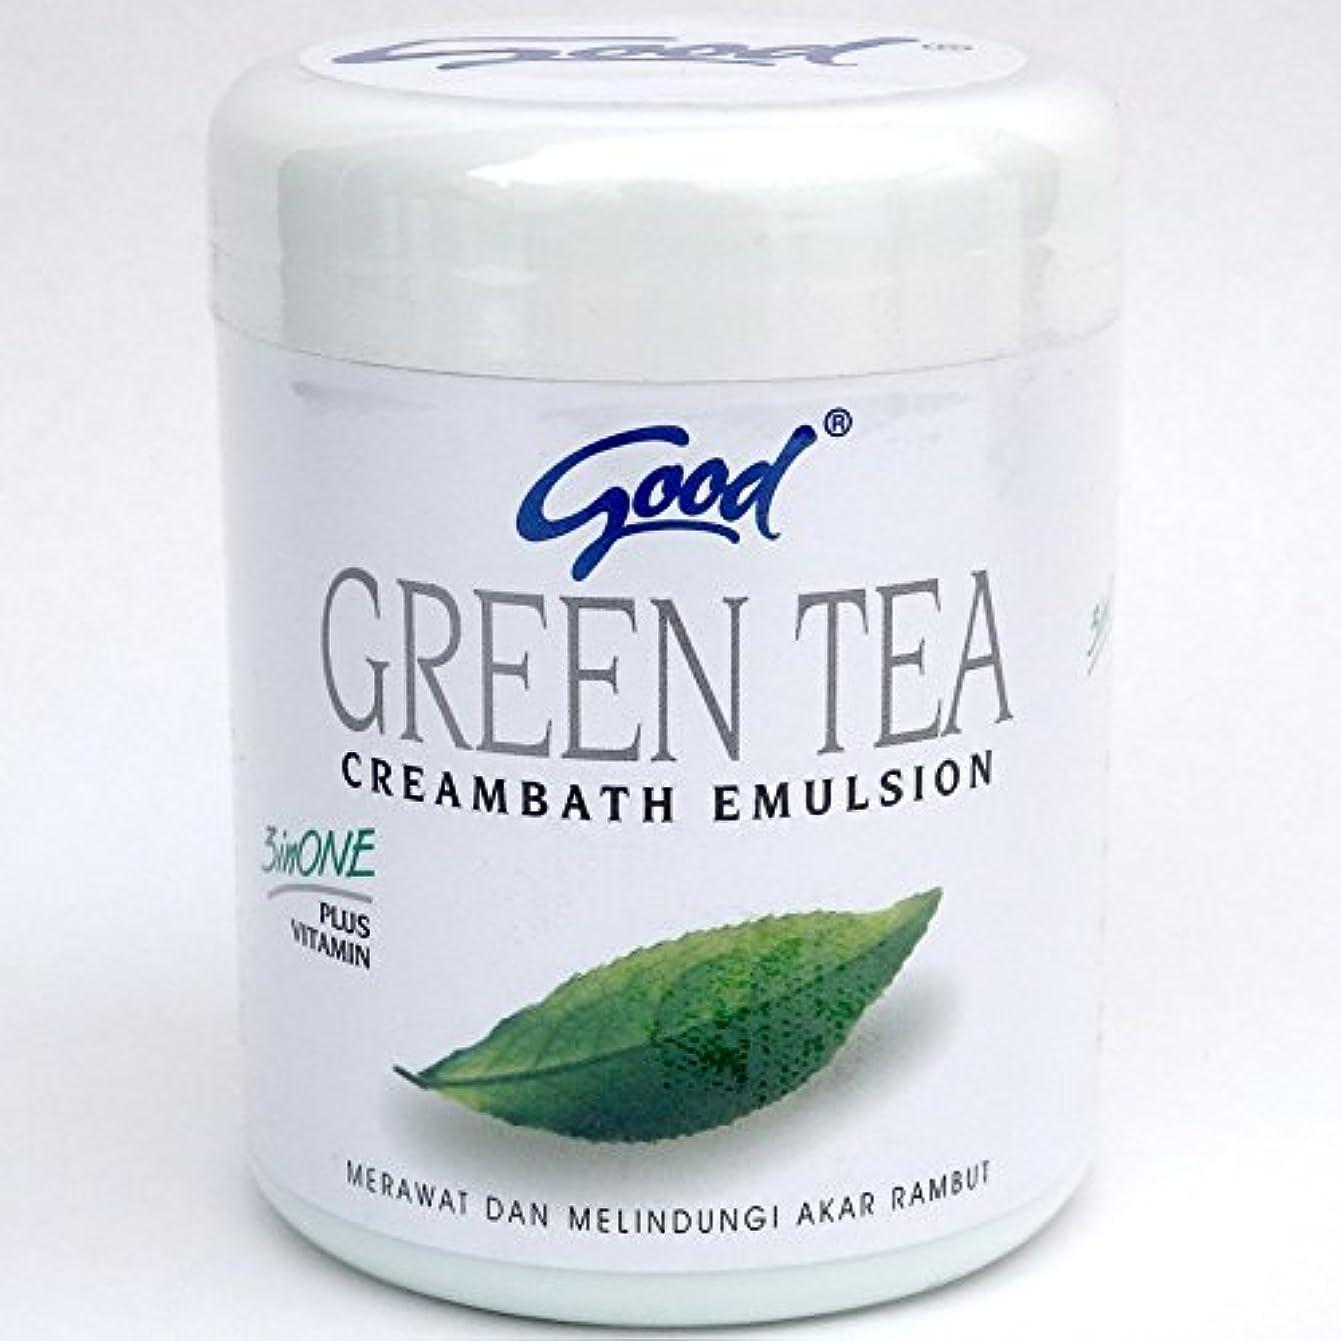 役に立たないステートメント独立good グッド インドネシアバリ島の伝統的なヘッドスパクリーム Creambath Emulsion クリームバス エマルション 680g GreenTea グリーンティー [海外直送品]